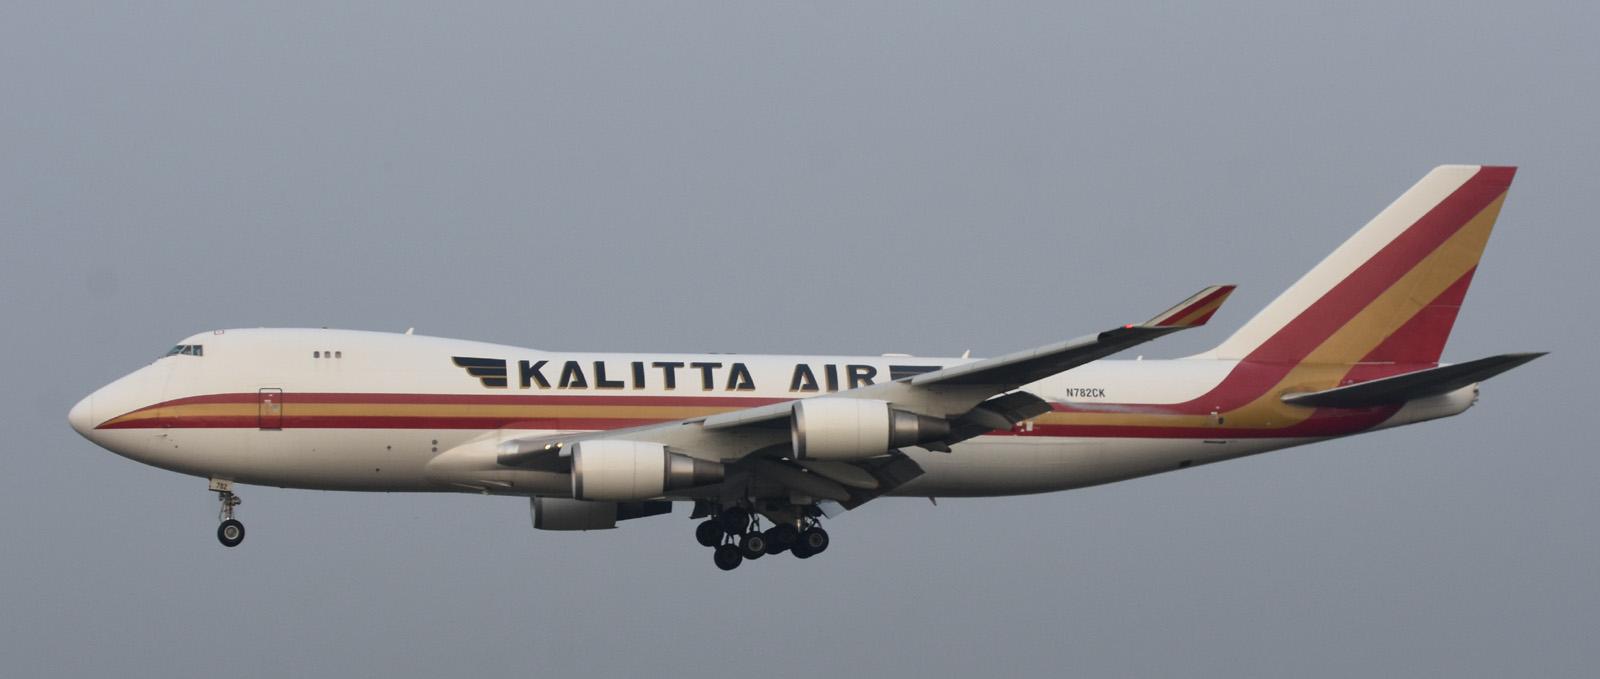 Kalitta171011g612